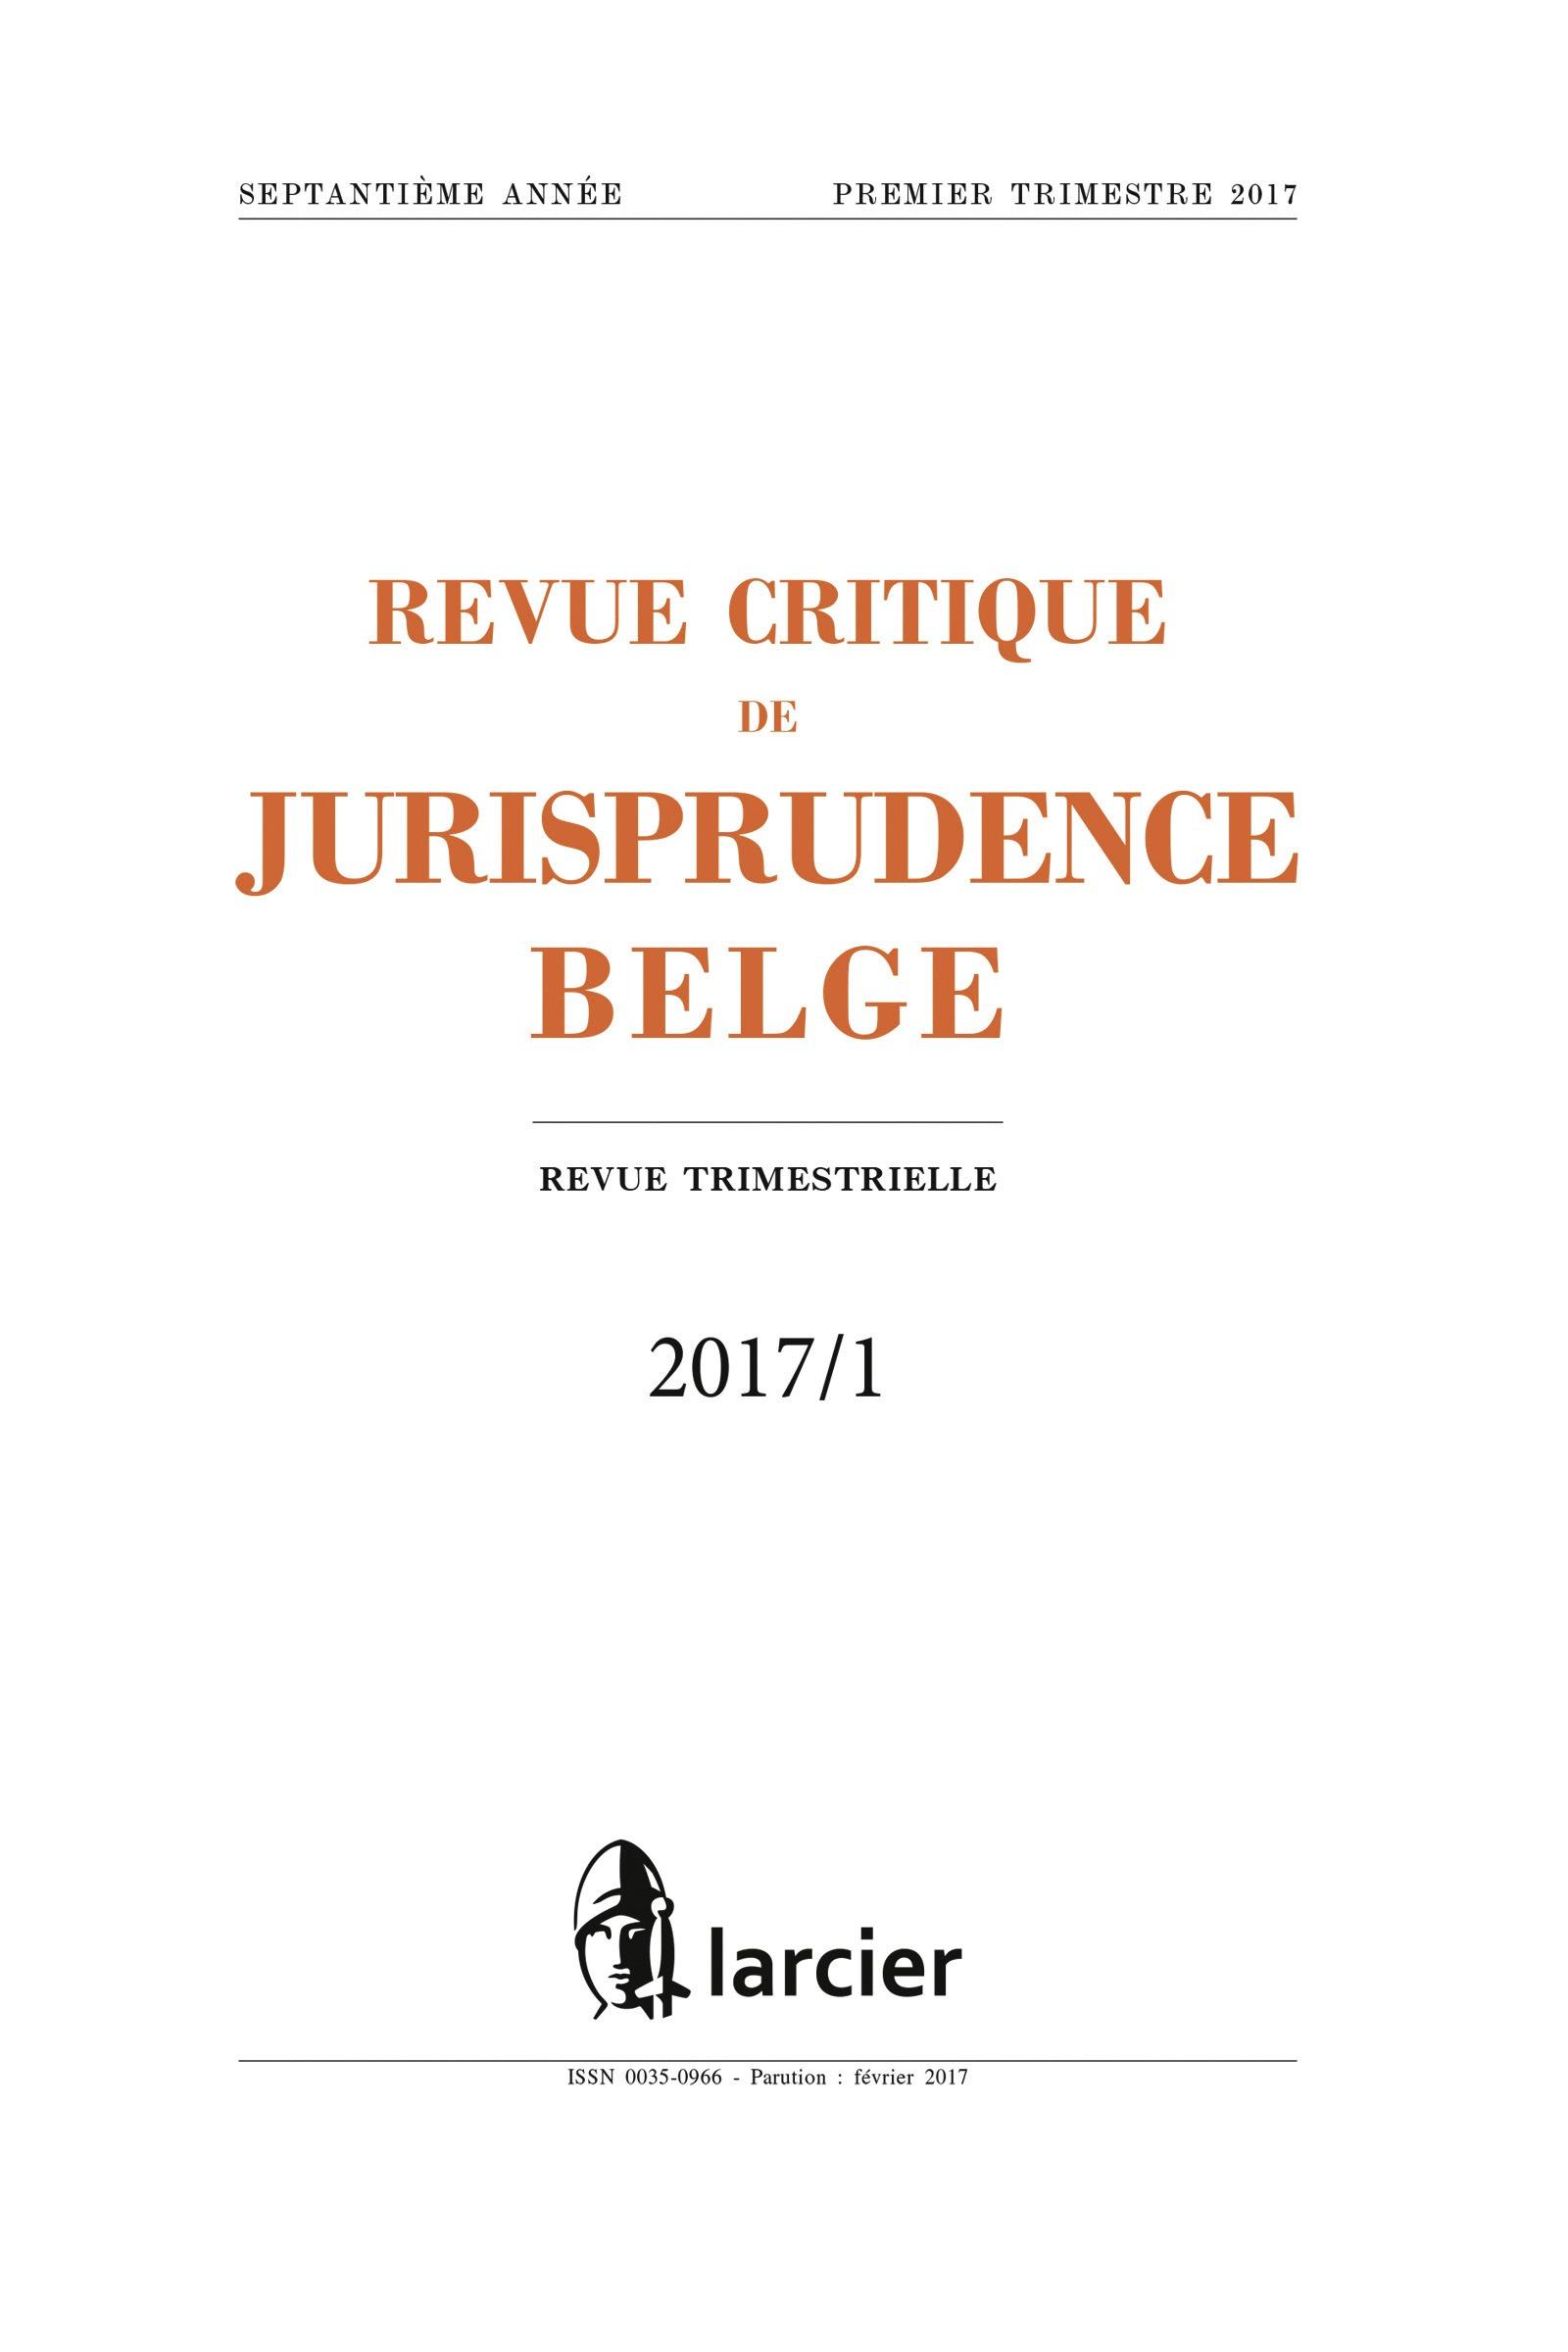 REV.CRIT.JURISP.BELGE 2017/3